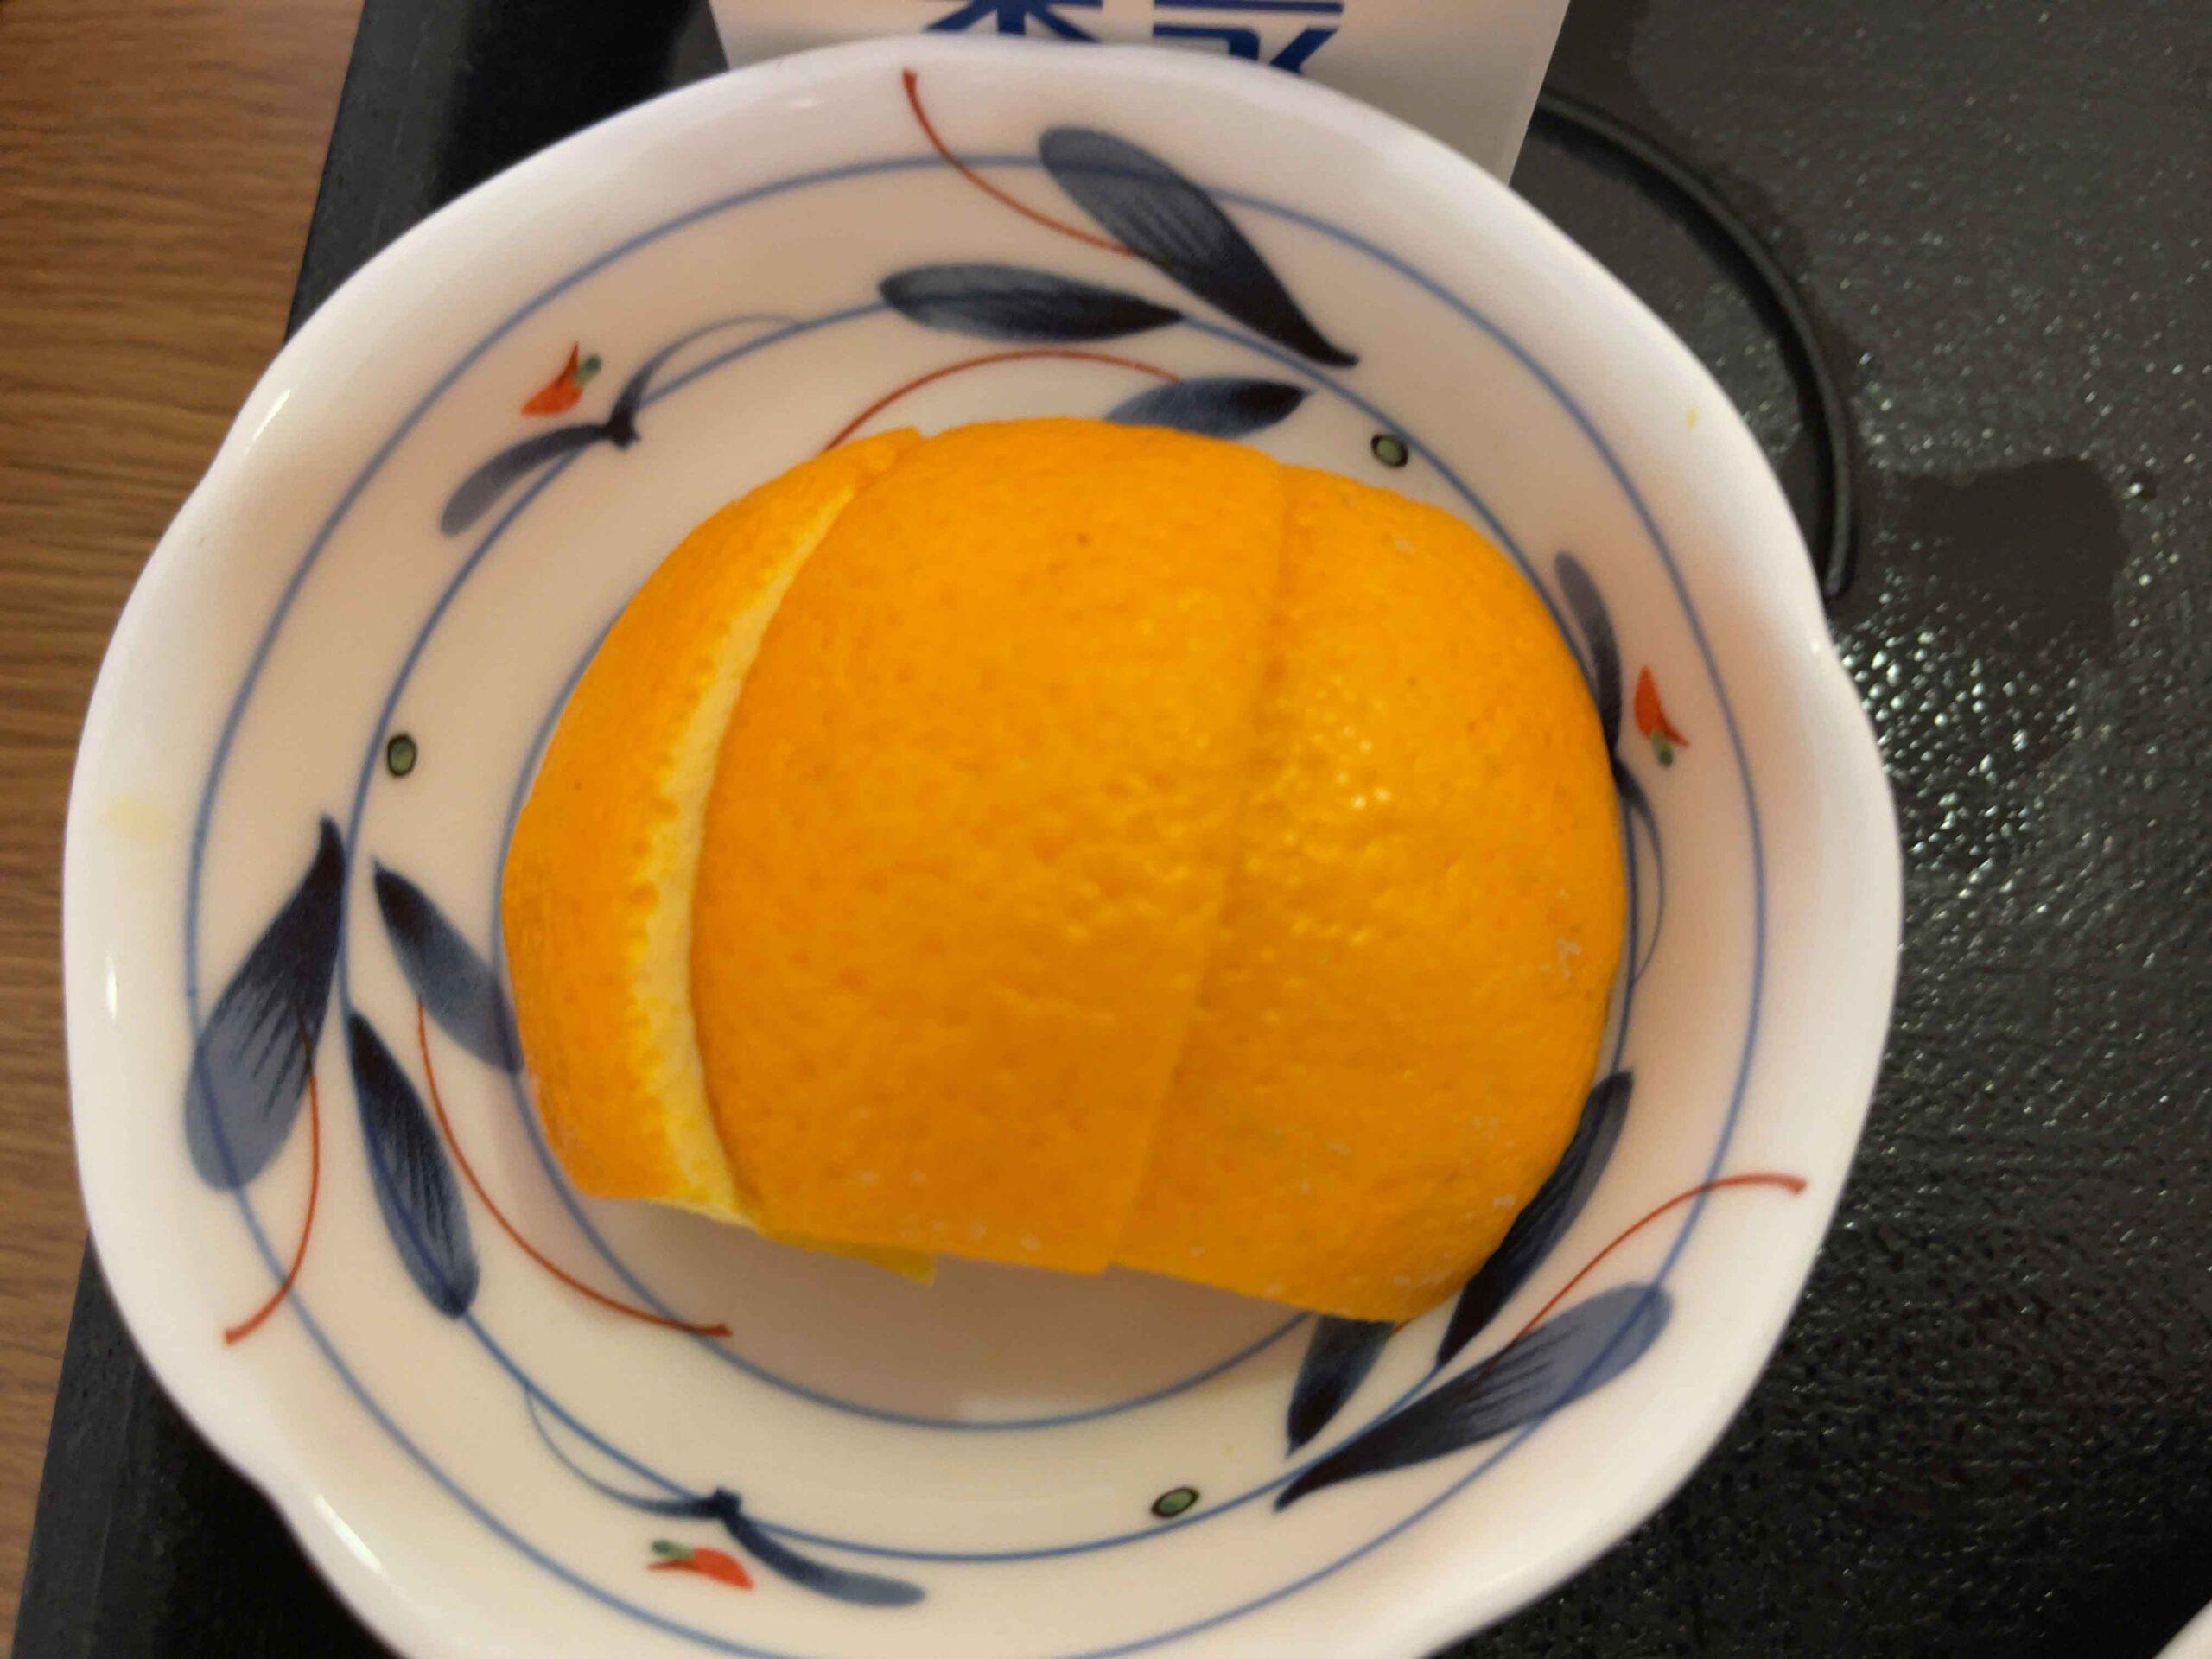 2021年2月18日朝食 オレンジ